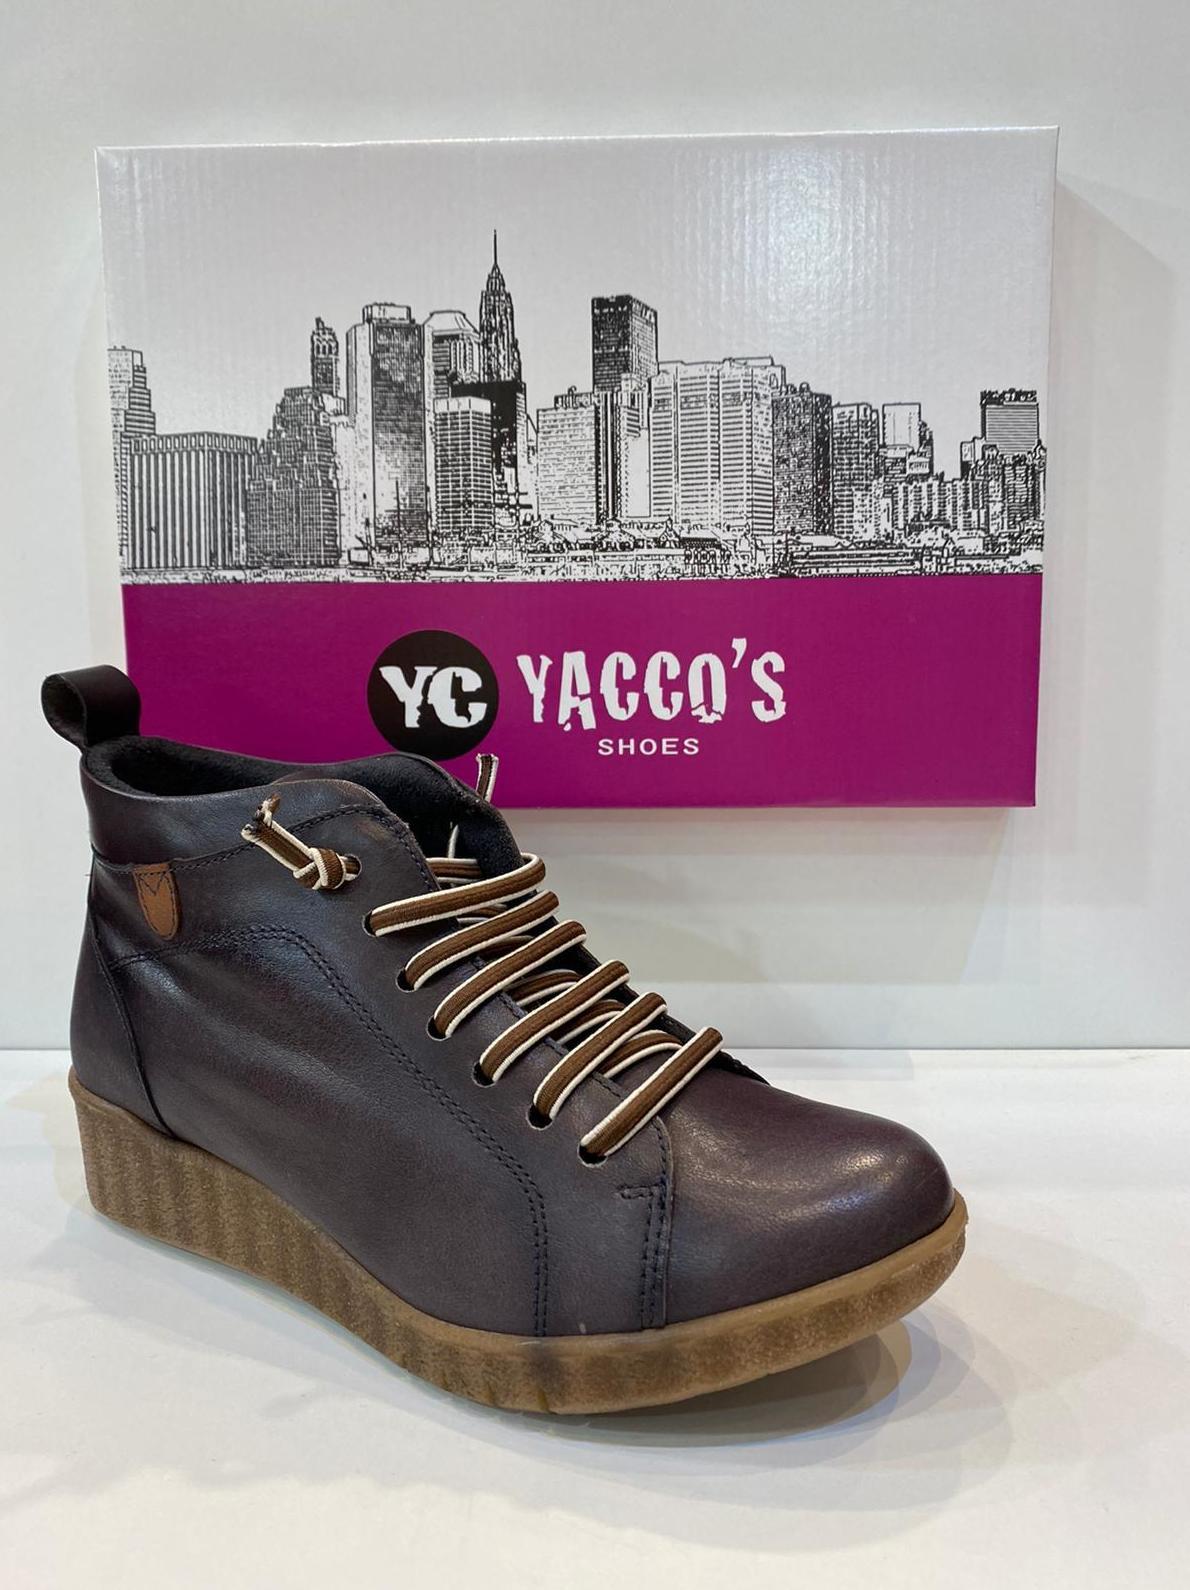 Botí de dona, de la marca Yacco's, ample especial, amb plantilla anatòmica de làtex, adaptable a plantilles ortopèdiques, sola de crepe 63€